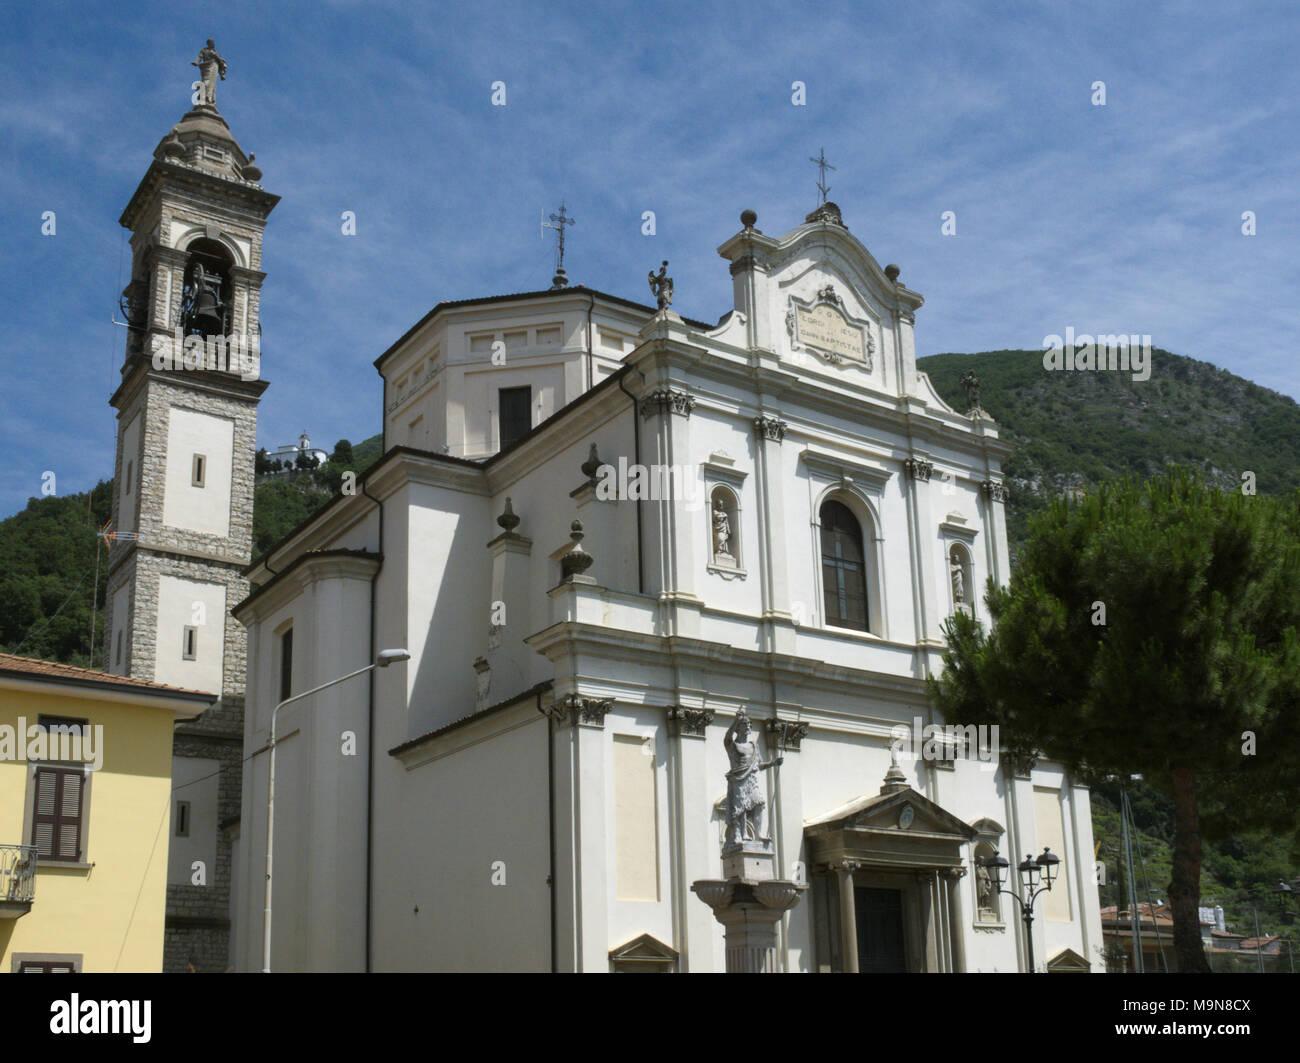 the San Giovanni Battista church in Predore, Lake Iseo, Italy - Stock Image